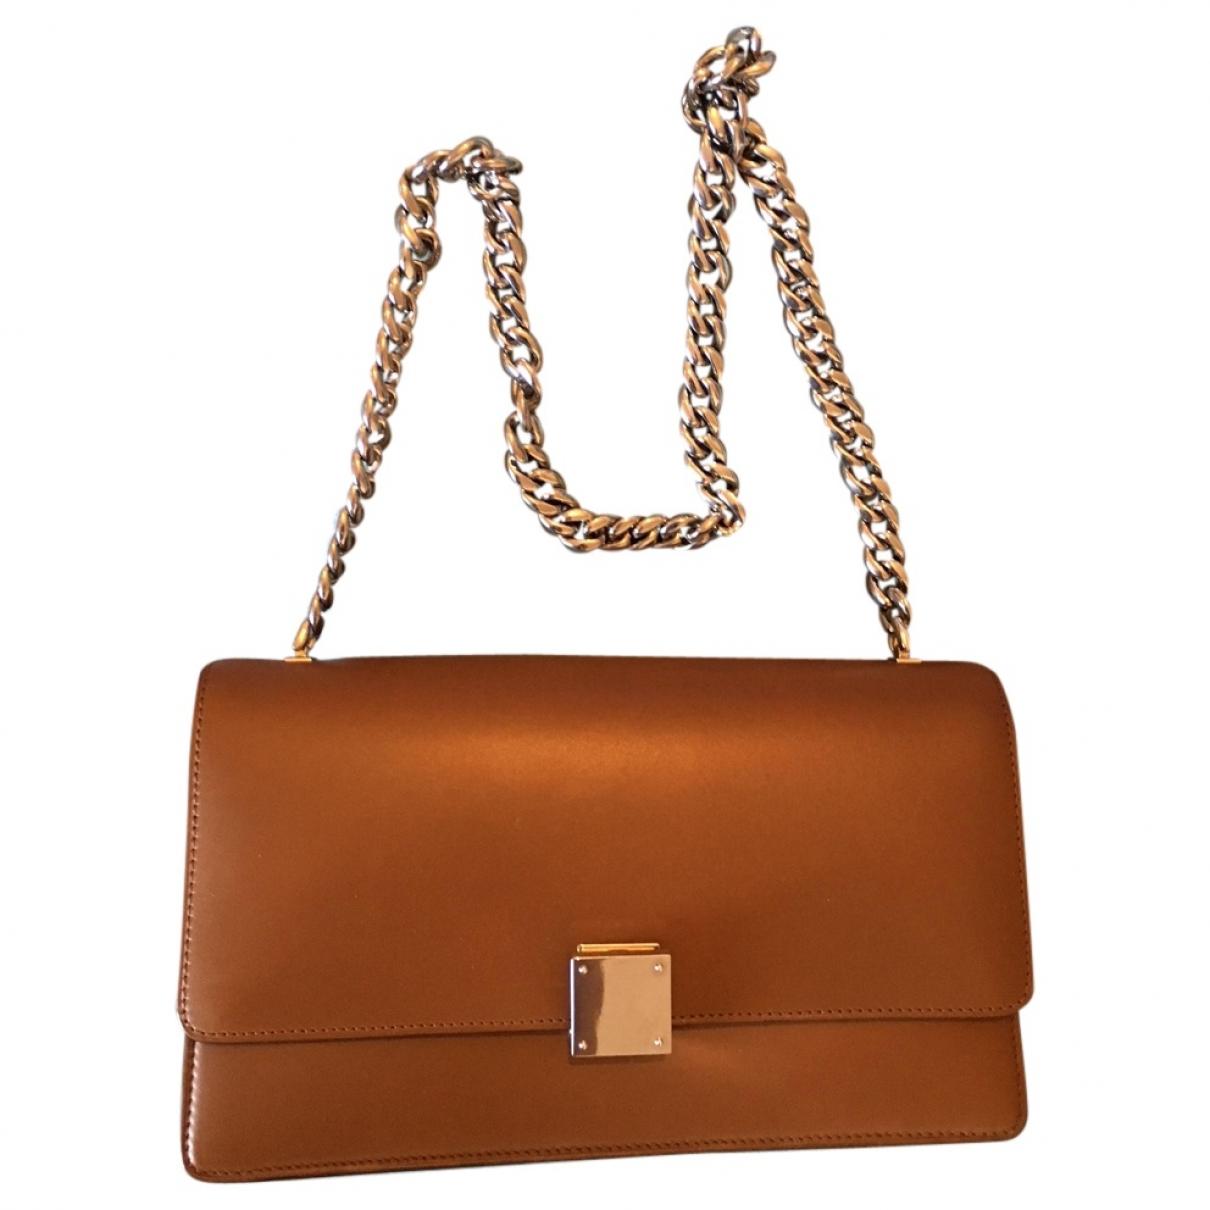 Celine Case flap Camel Leather handbag for Women \N